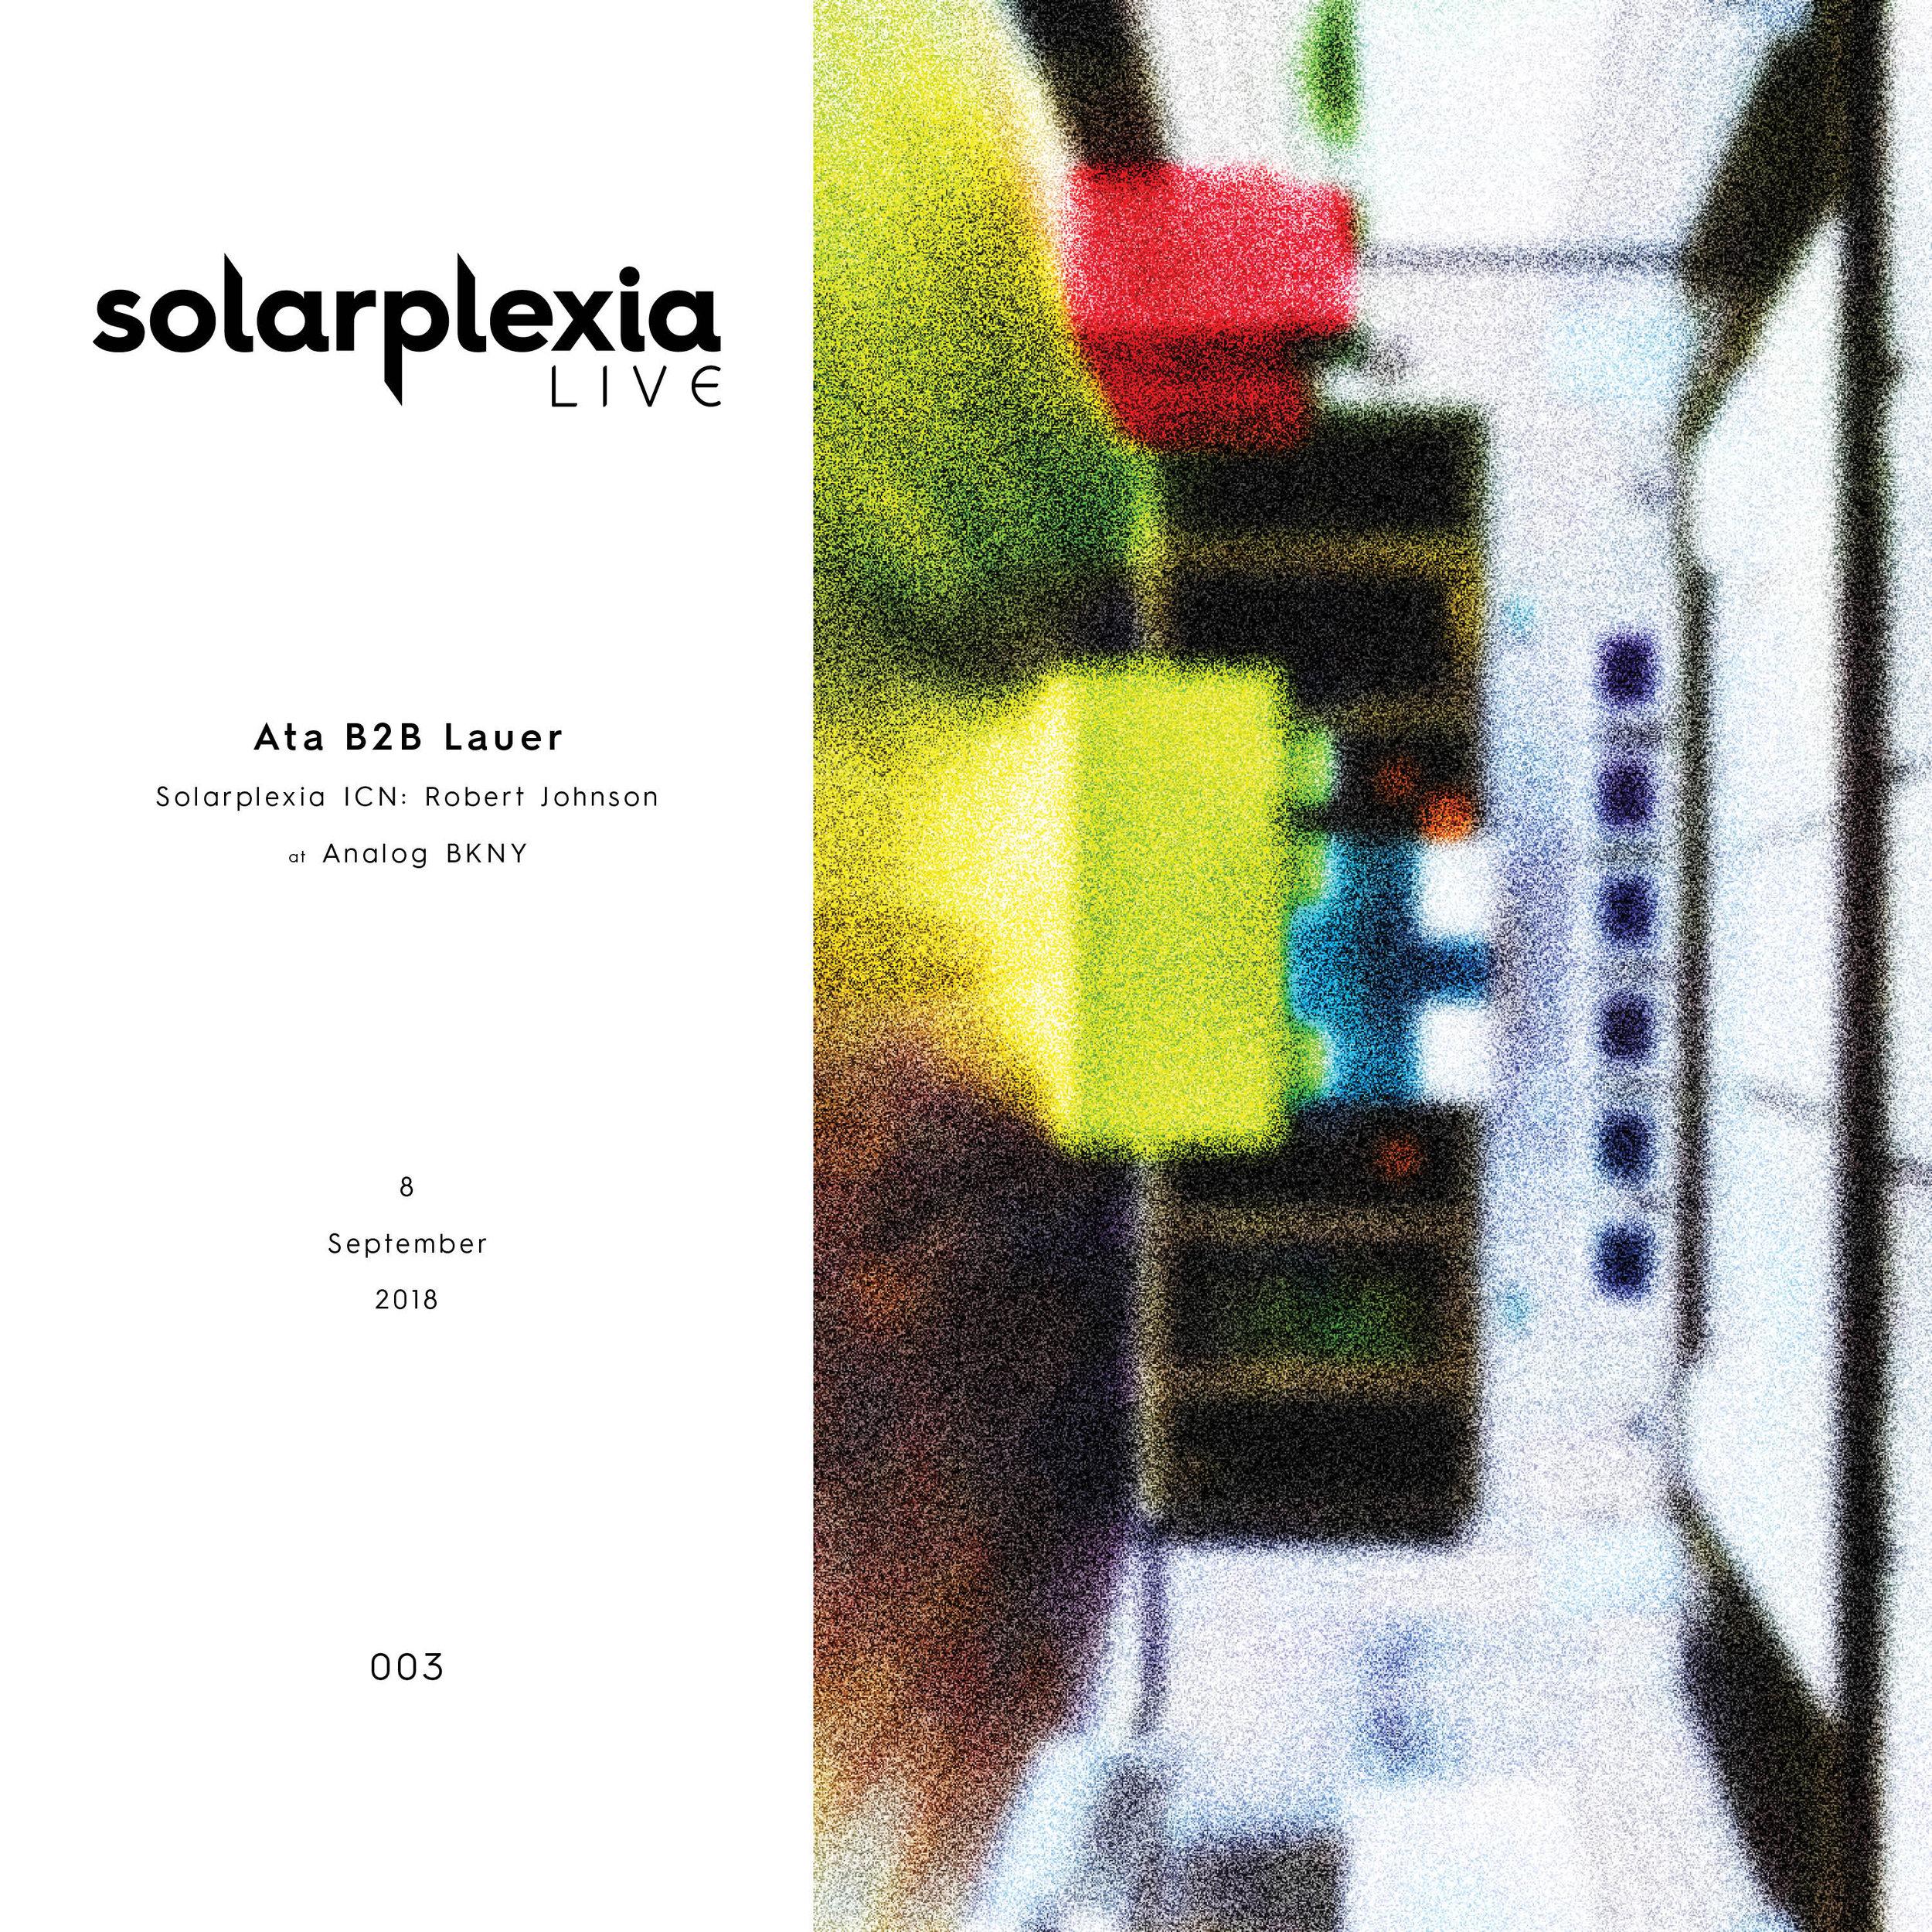 Solarplexia_Live-AtaB2BLauer-1.jpeg